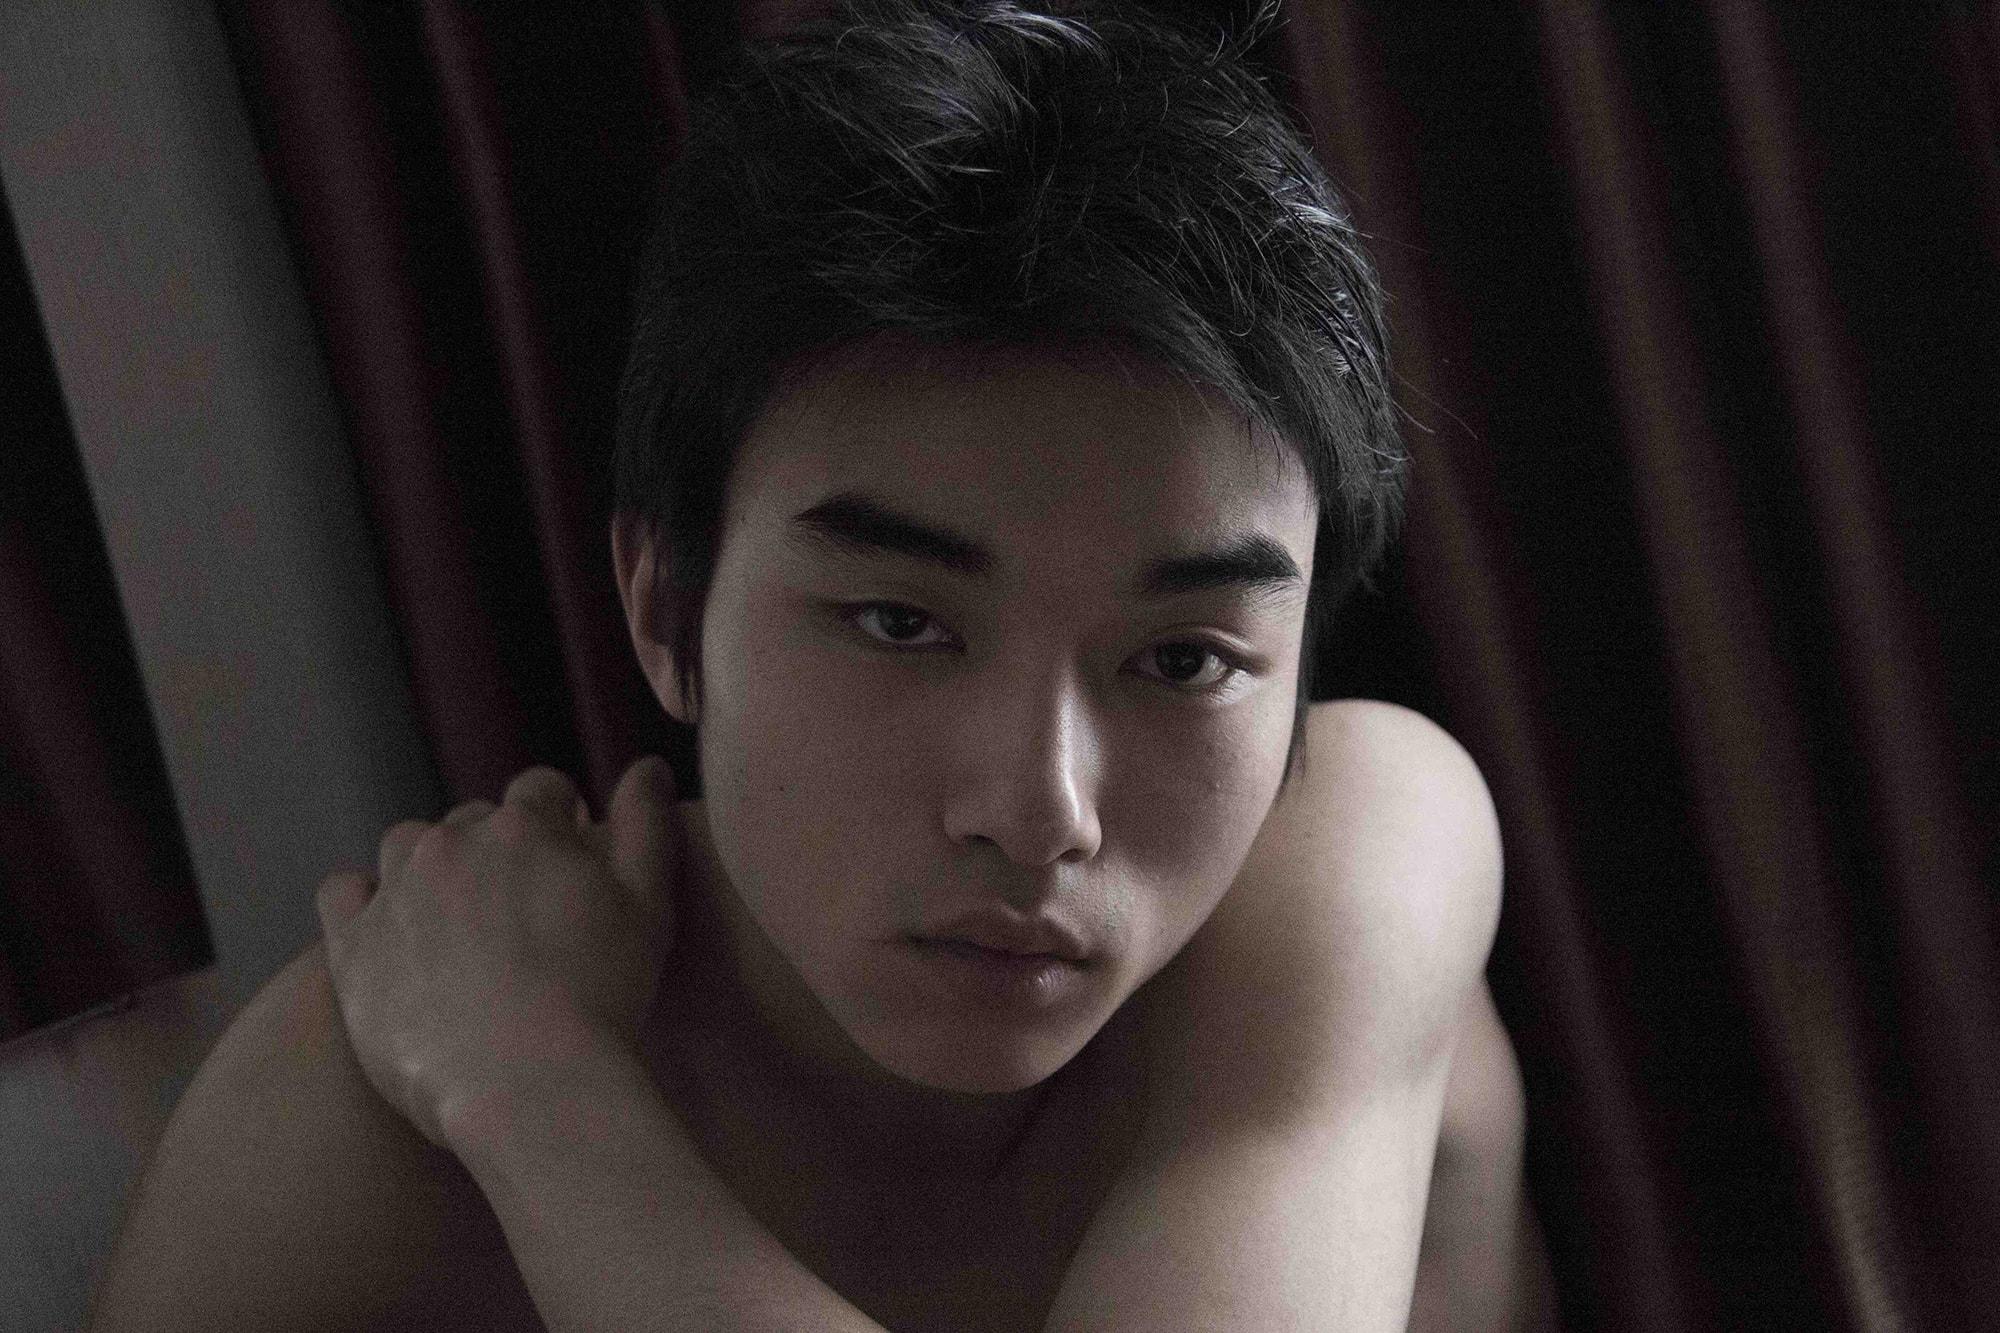 藤江琢磨の『愛について』:グレーの心